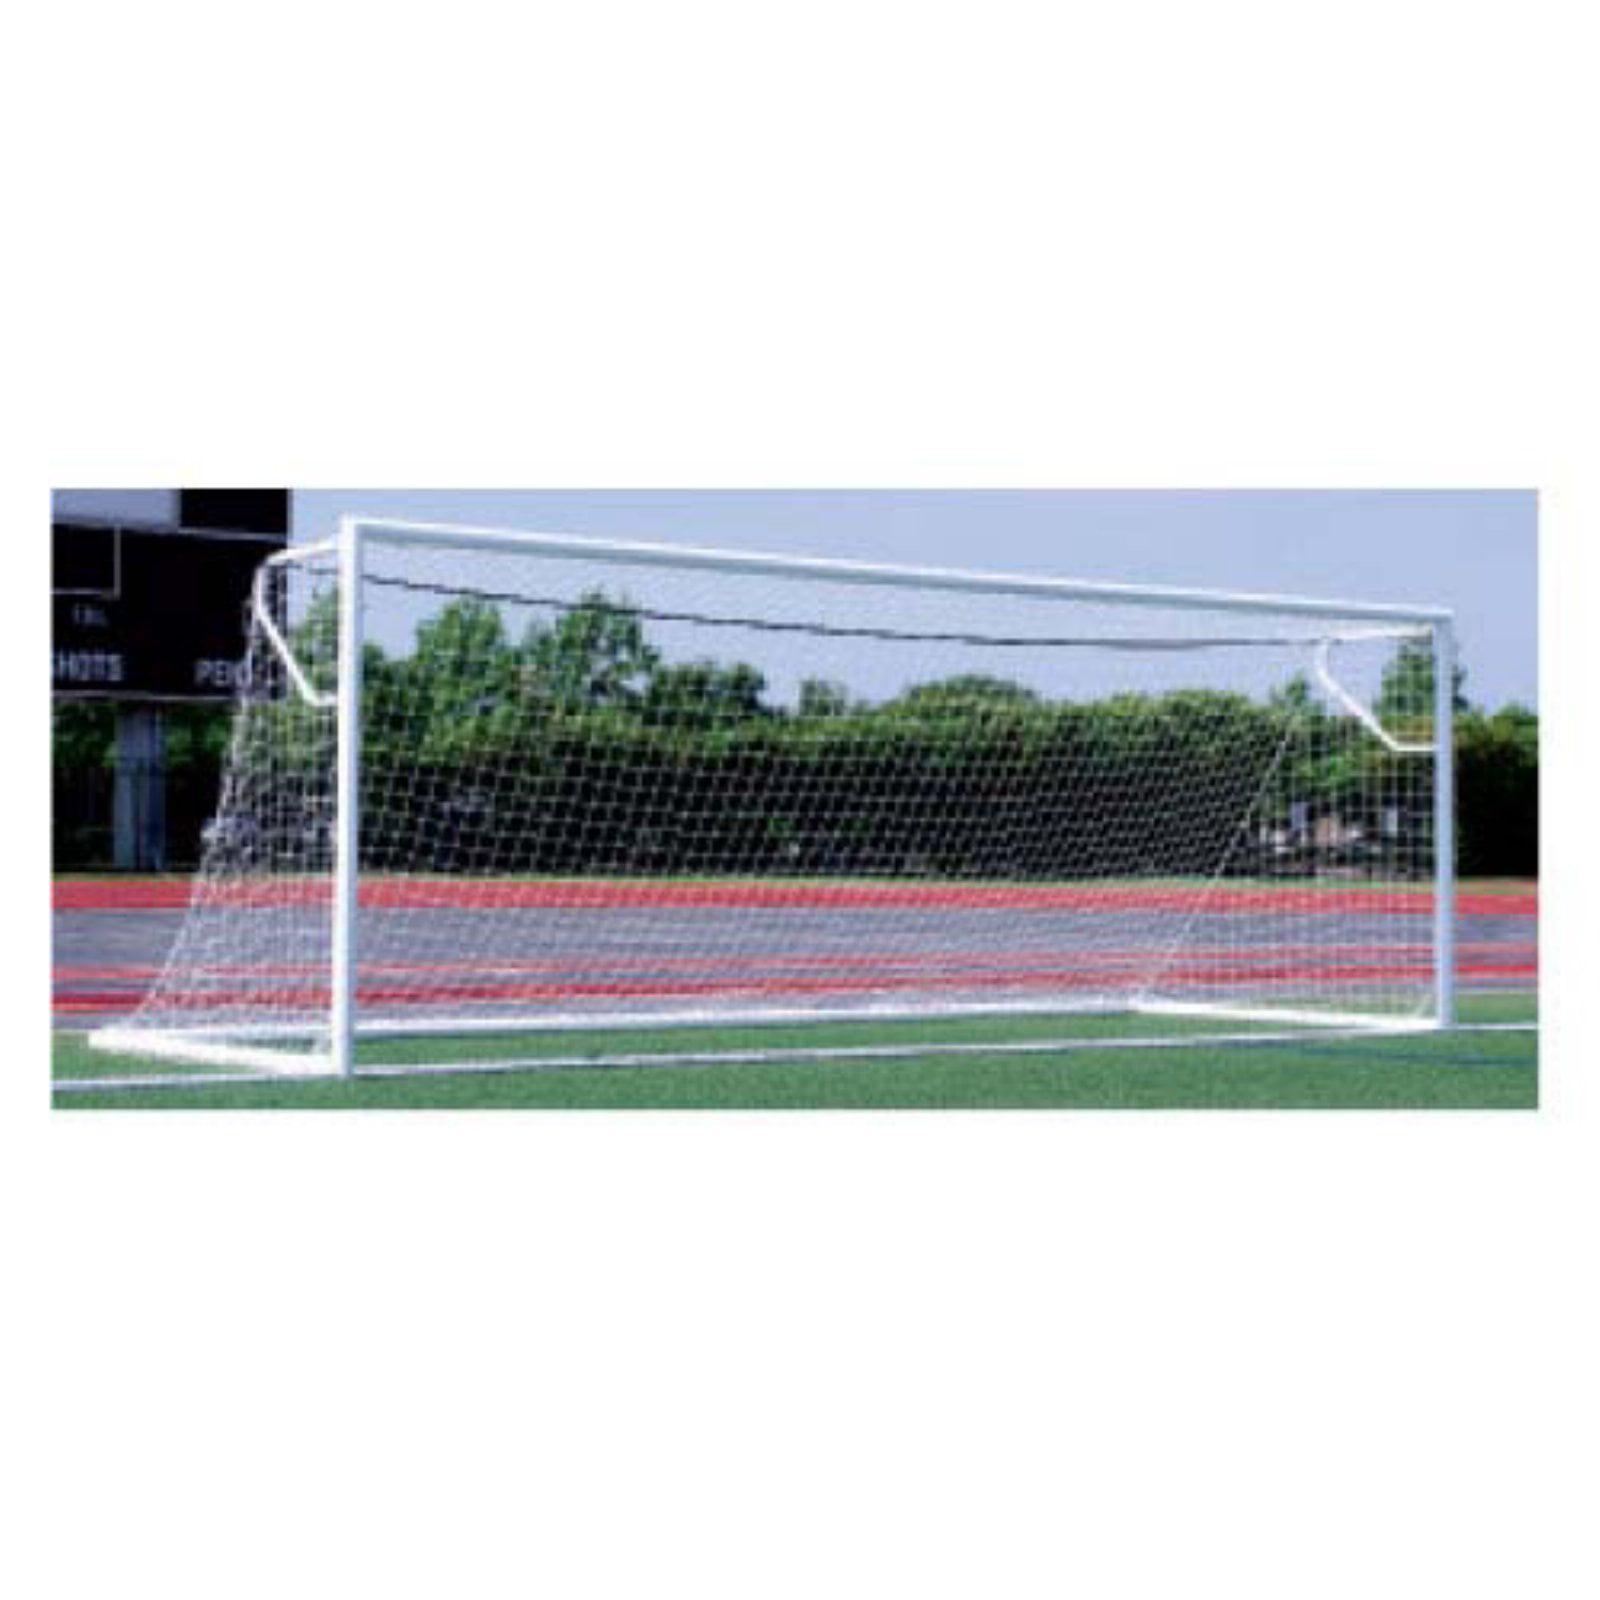 ALUMAGOAL Euro 4 in. Round Aluminum Soccer Goals - Pair - 24' x 8'